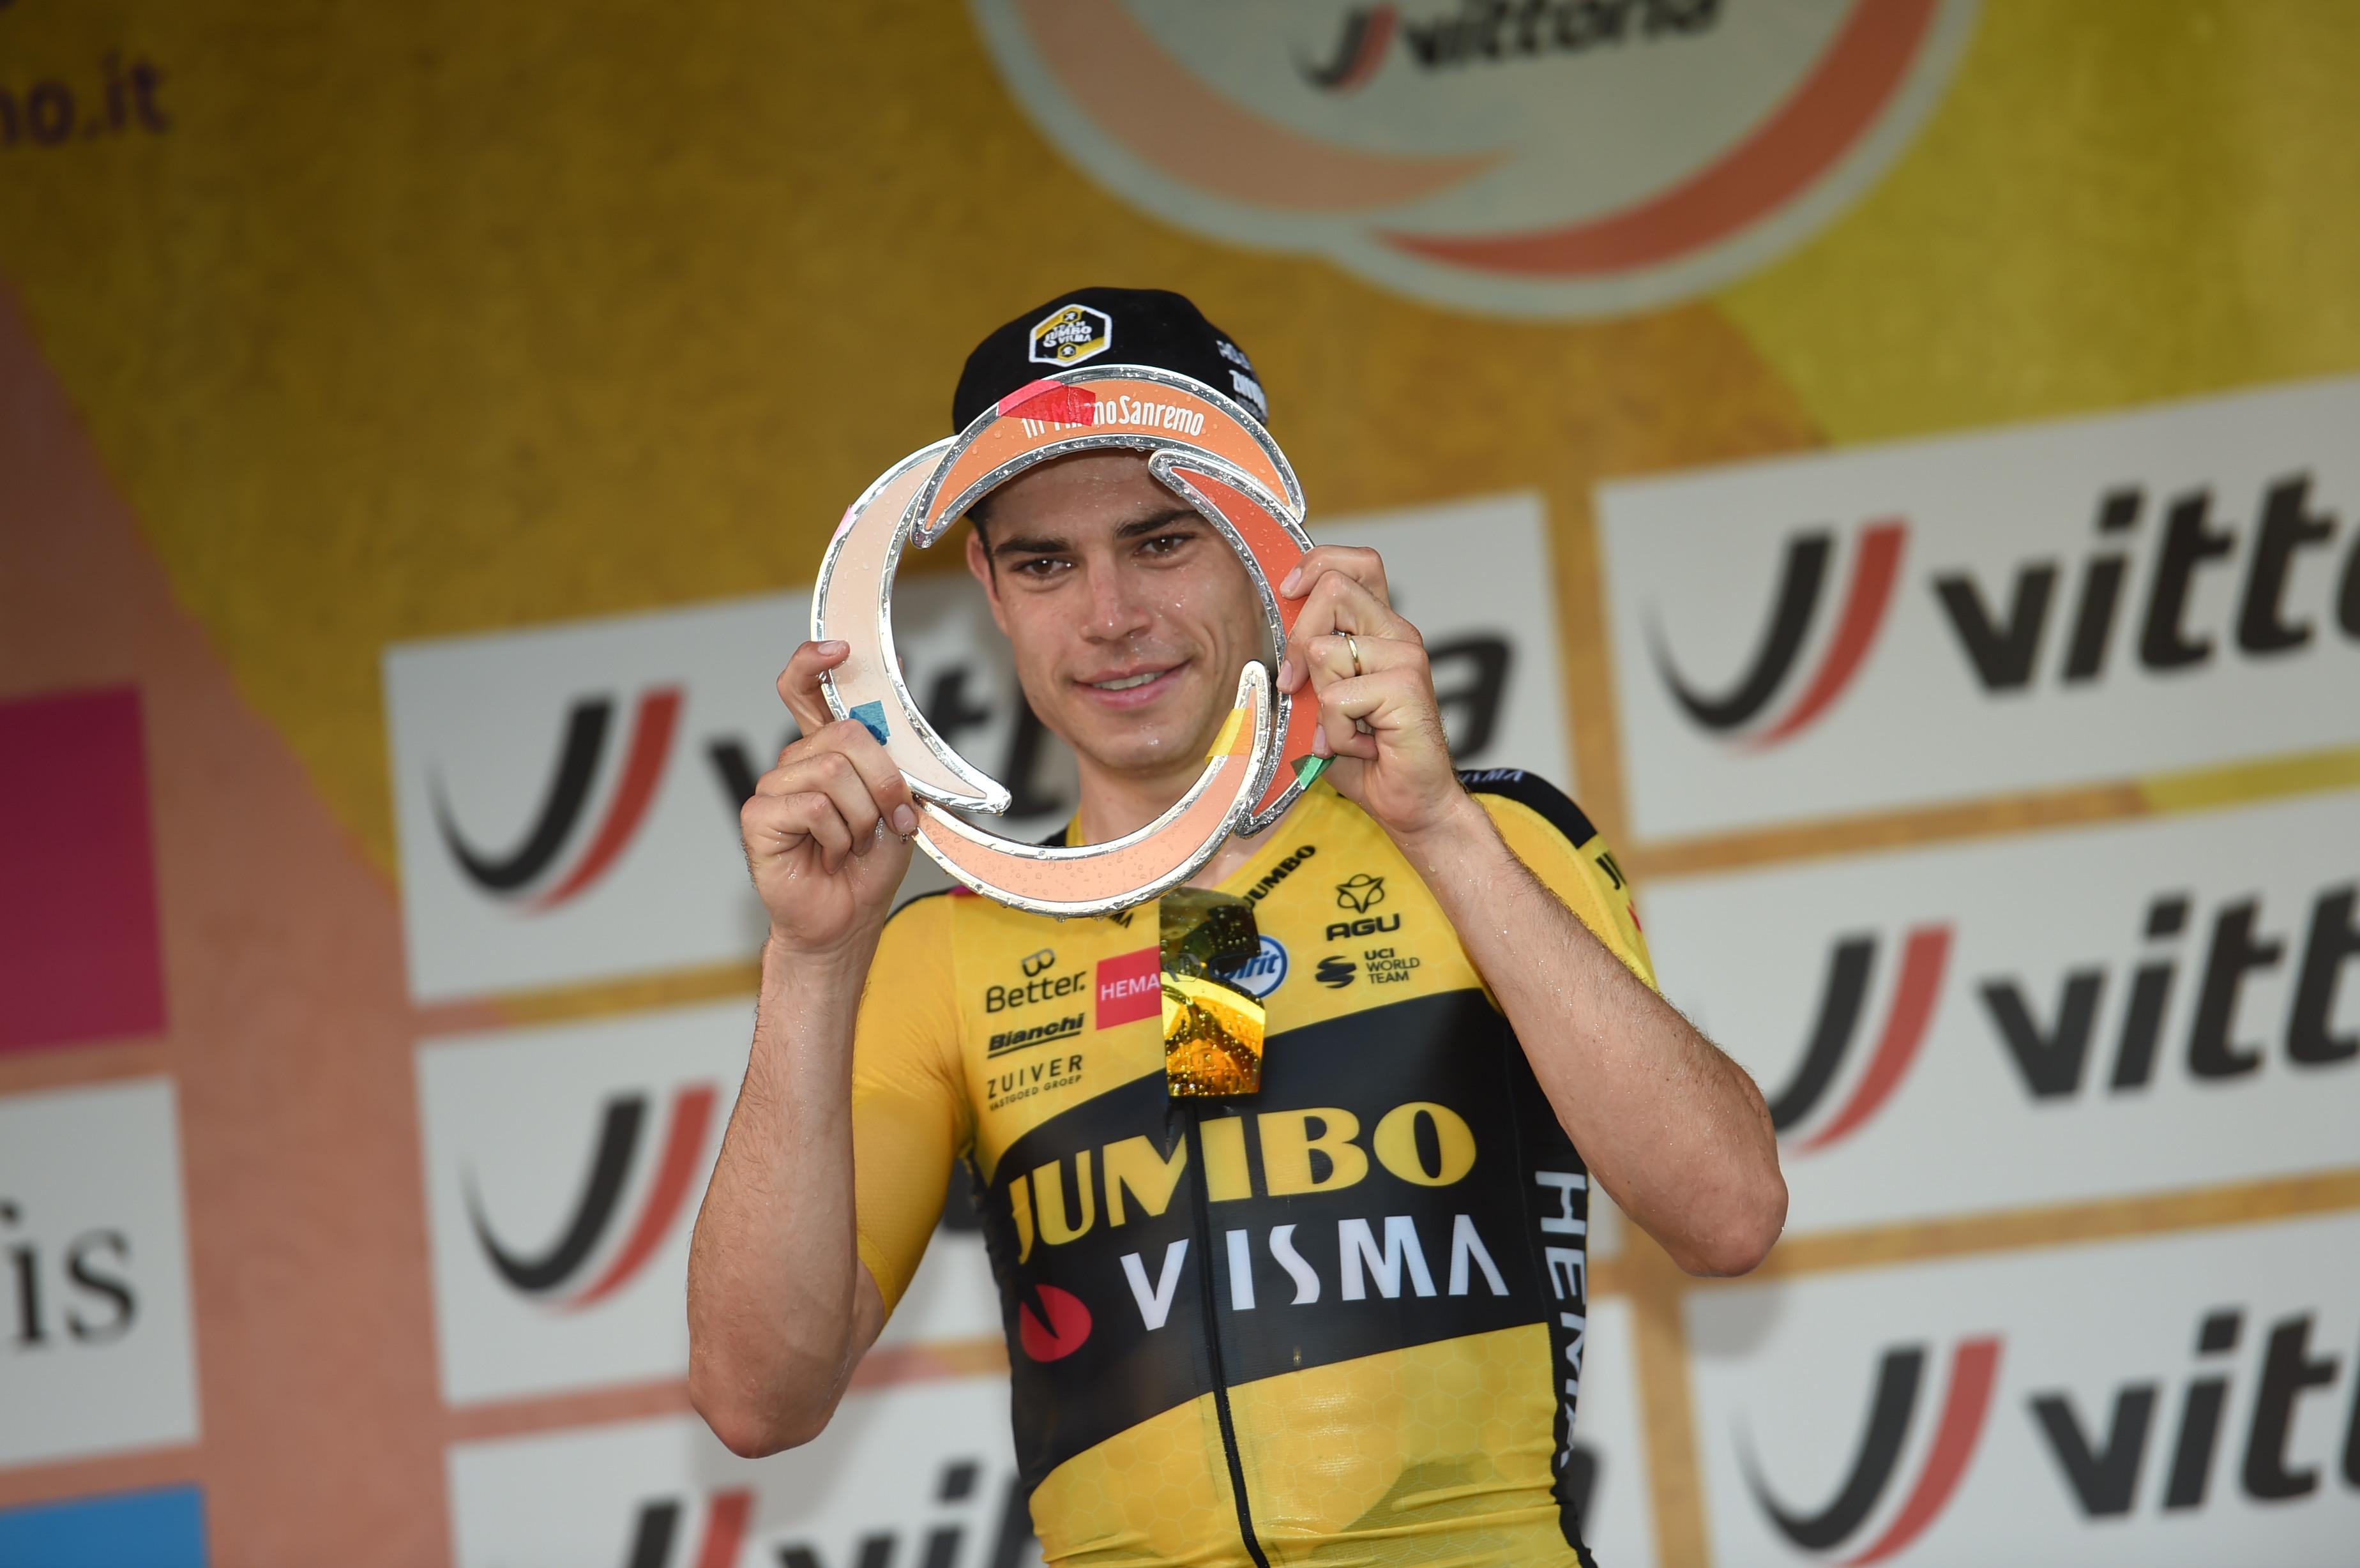 Van Aert razmišlja o etapnih dirkah